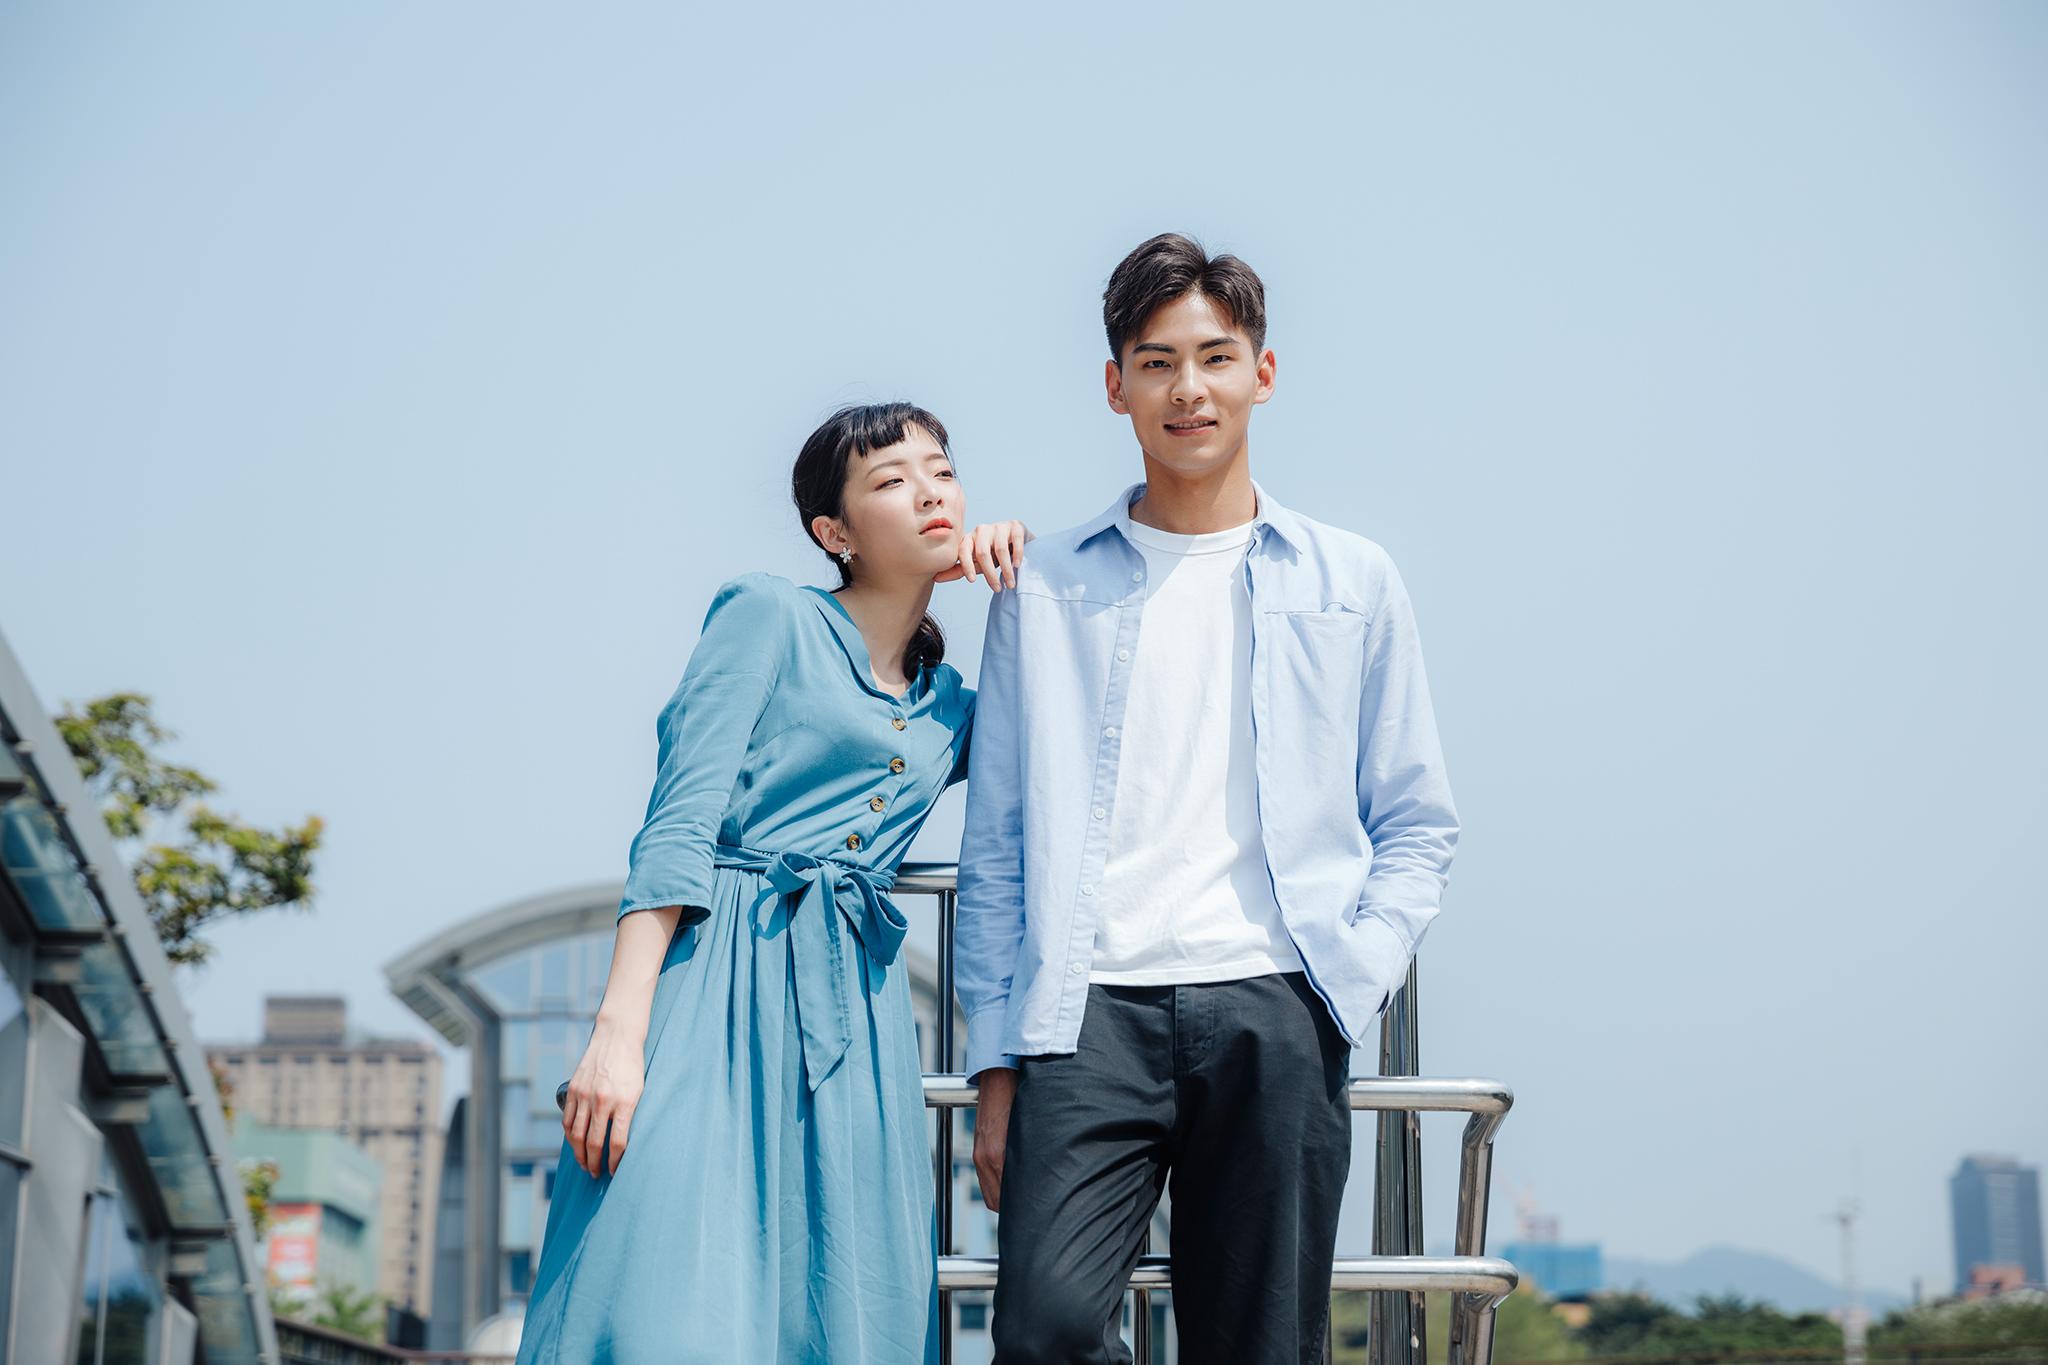 49818041131 286e400406 o - 【自助婚紗】+允宥&珮嘉+